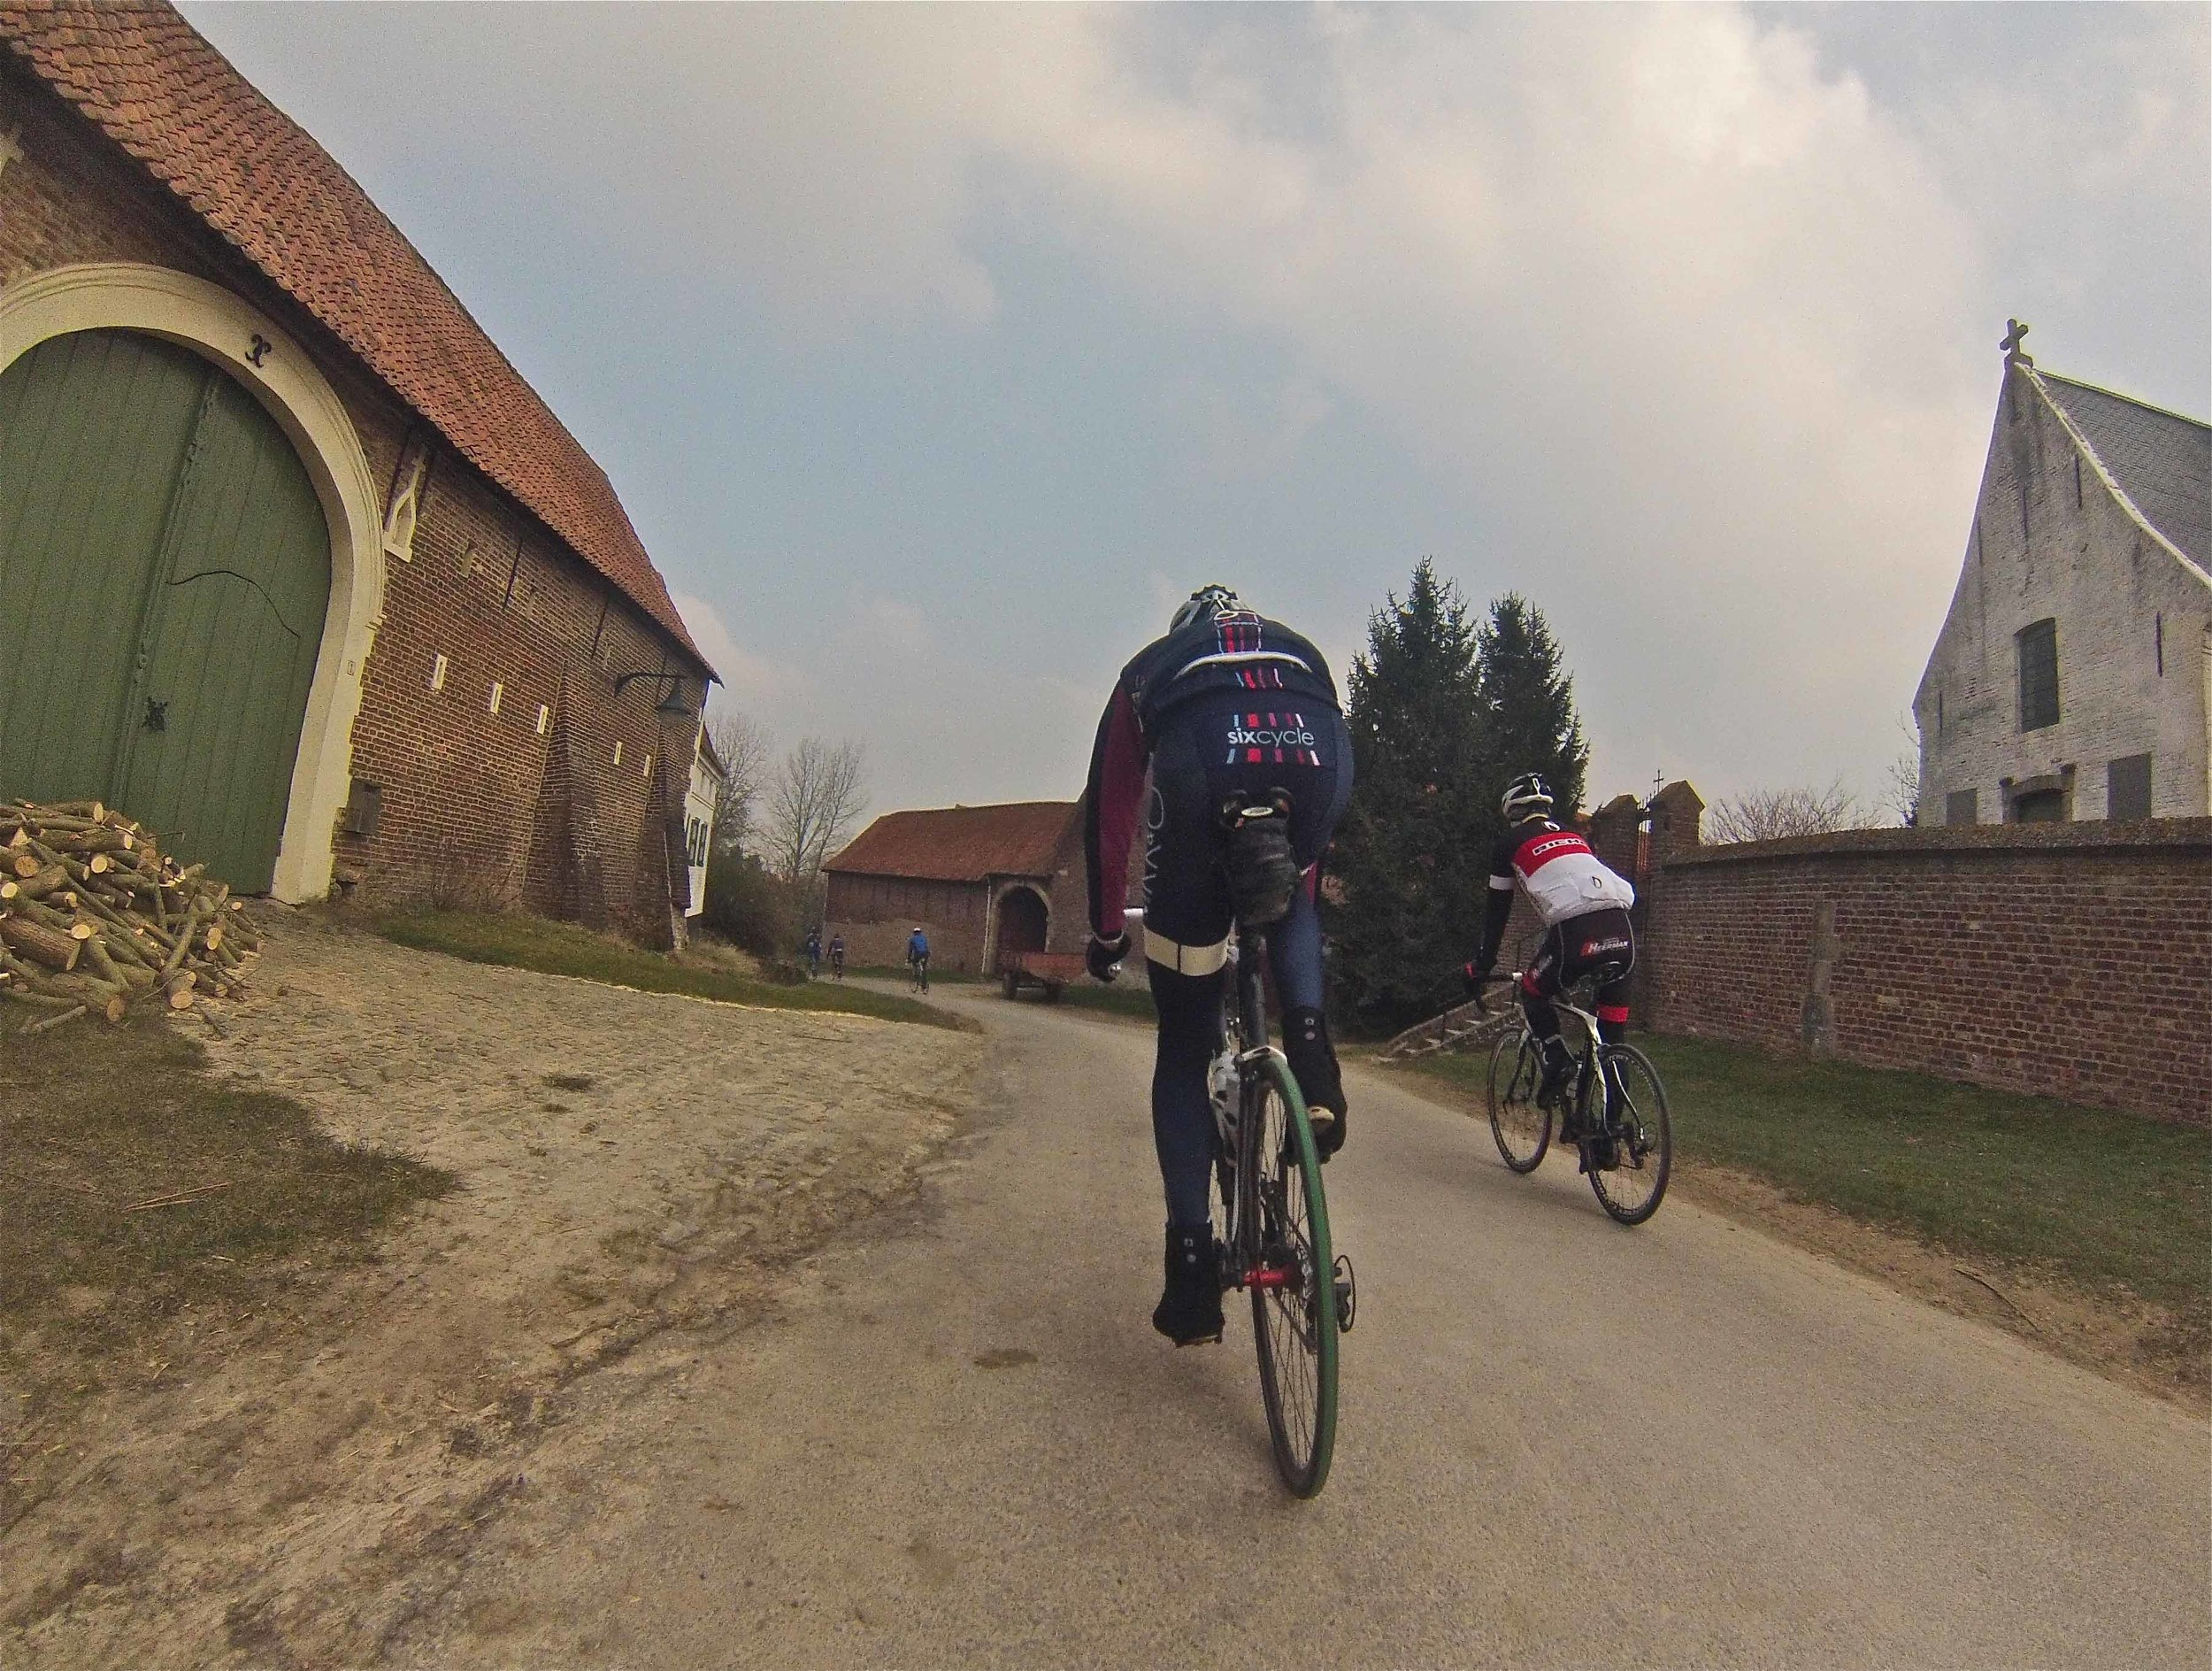 Team-Sixcycle-in-Belgium-3014.jpg